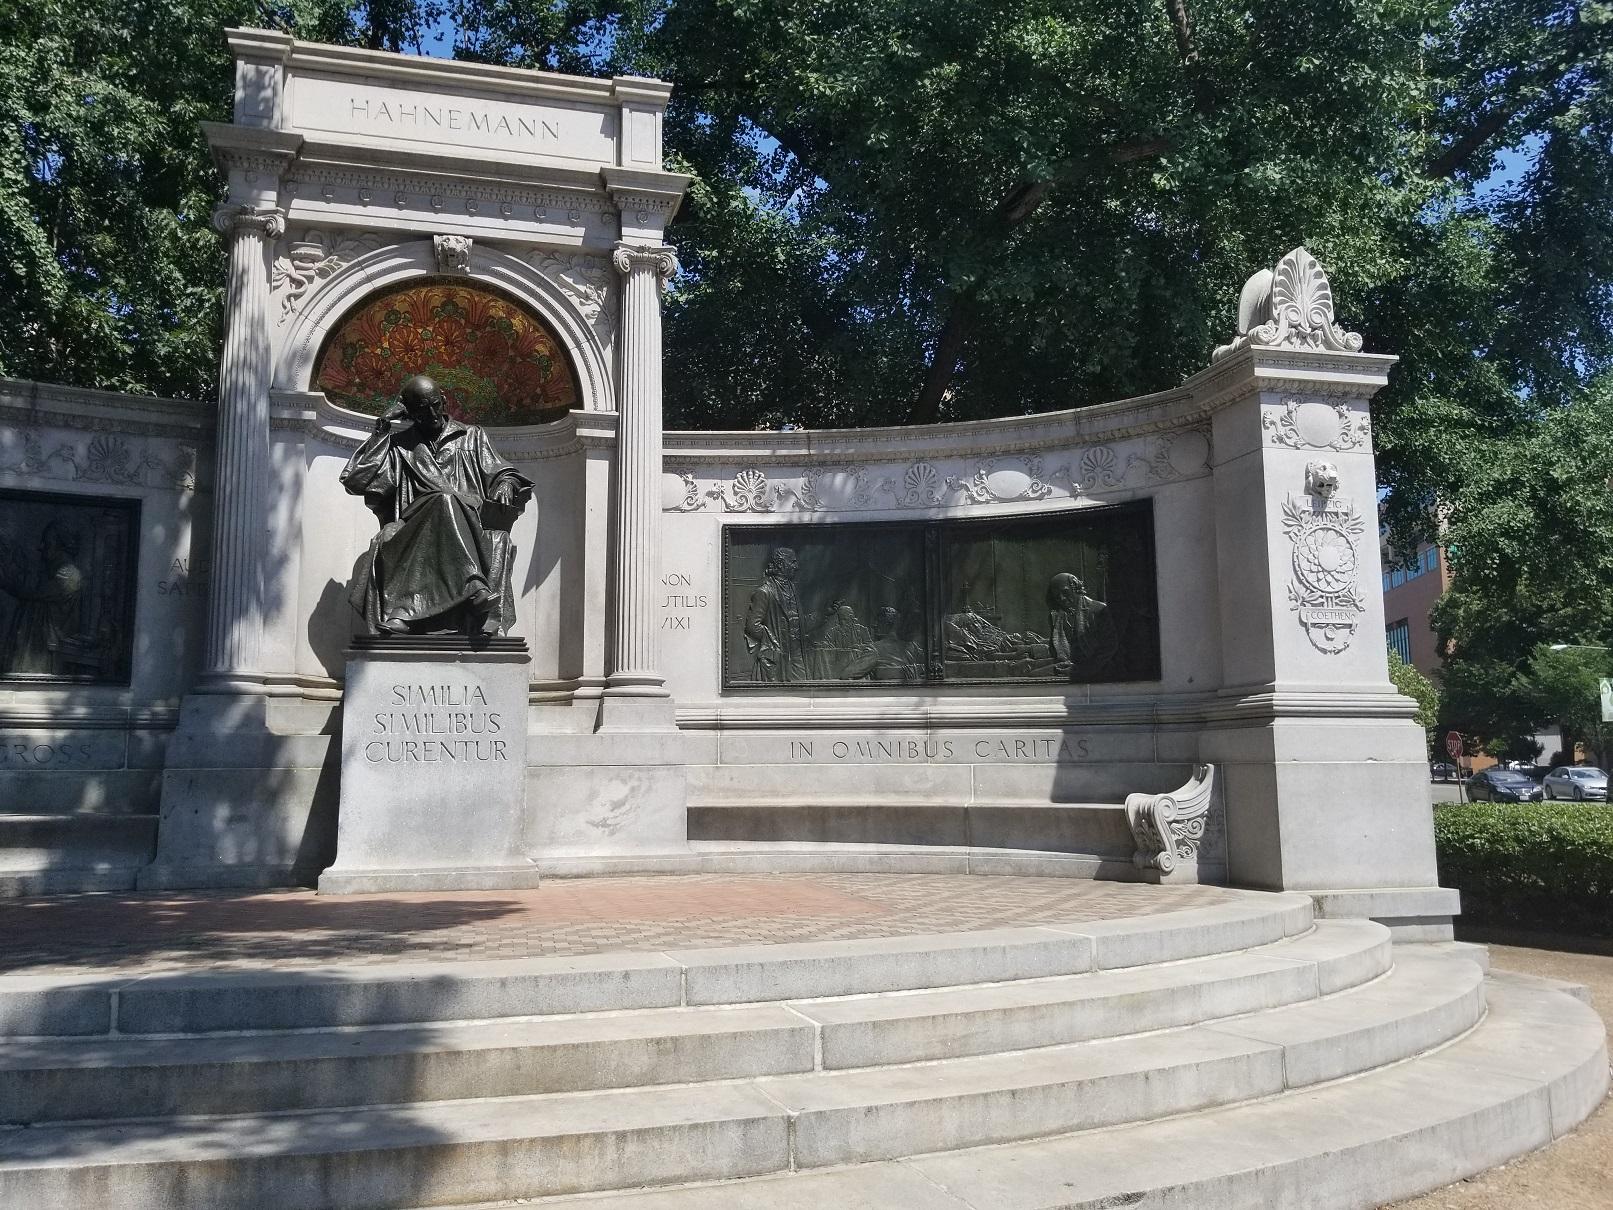 Hahnemann-plaza